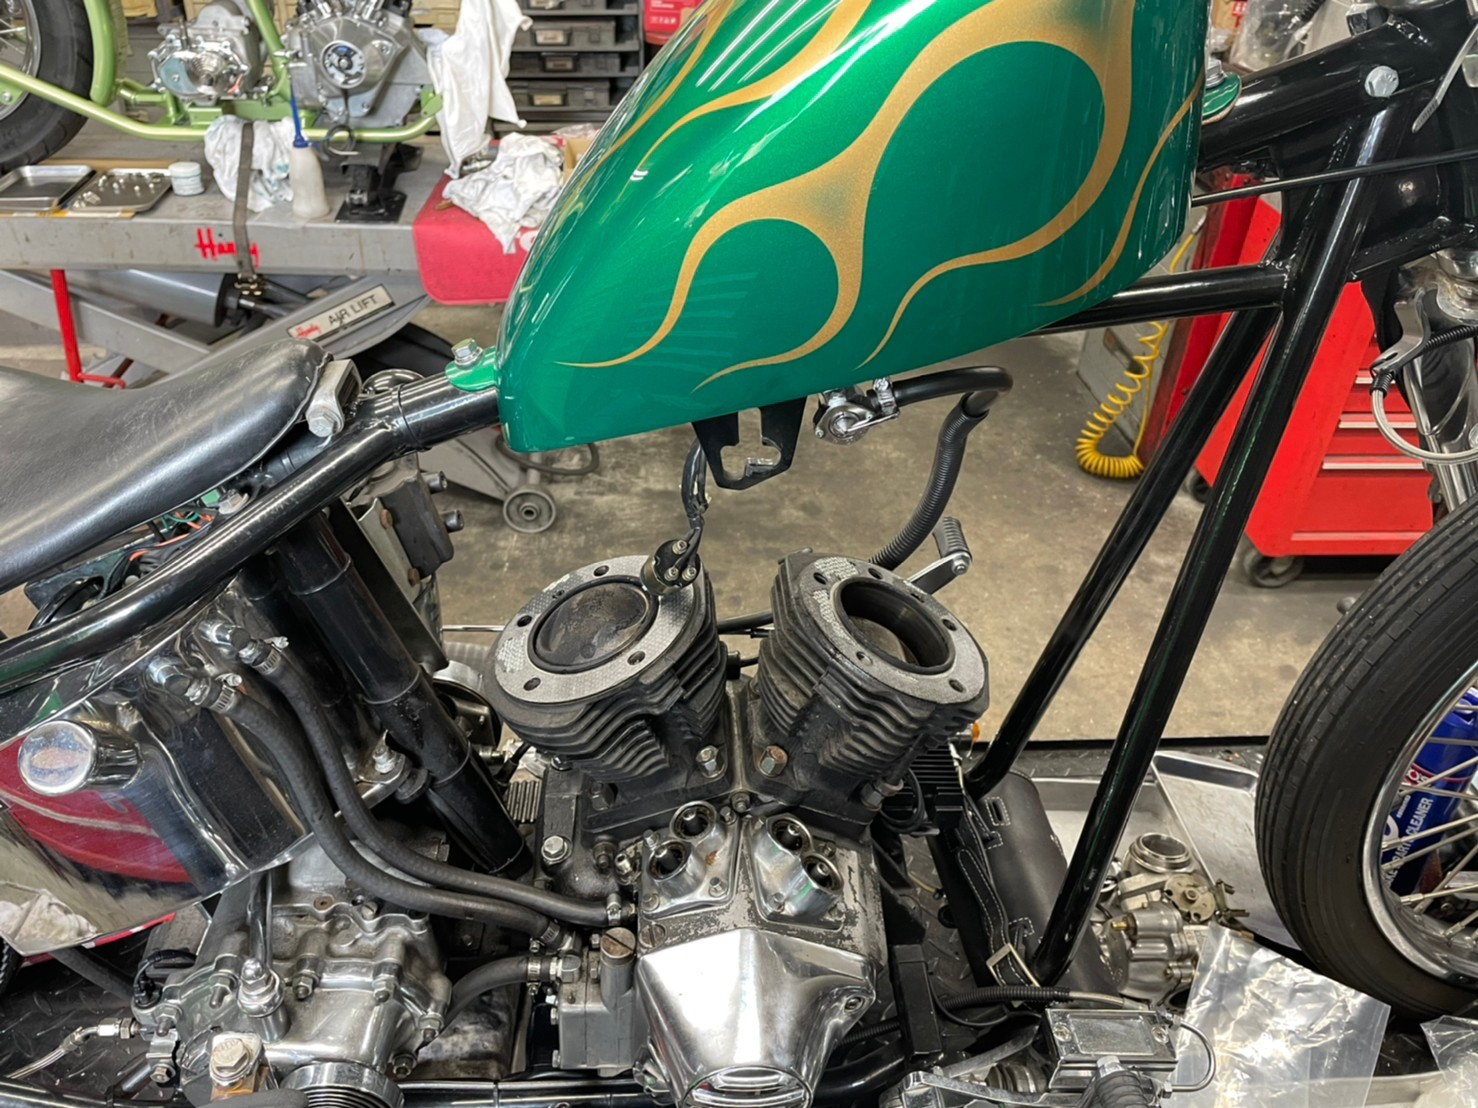 \'73 Shovel Rigid エンジンオーバーホール & カスタム_b0160319_16174376.jpg